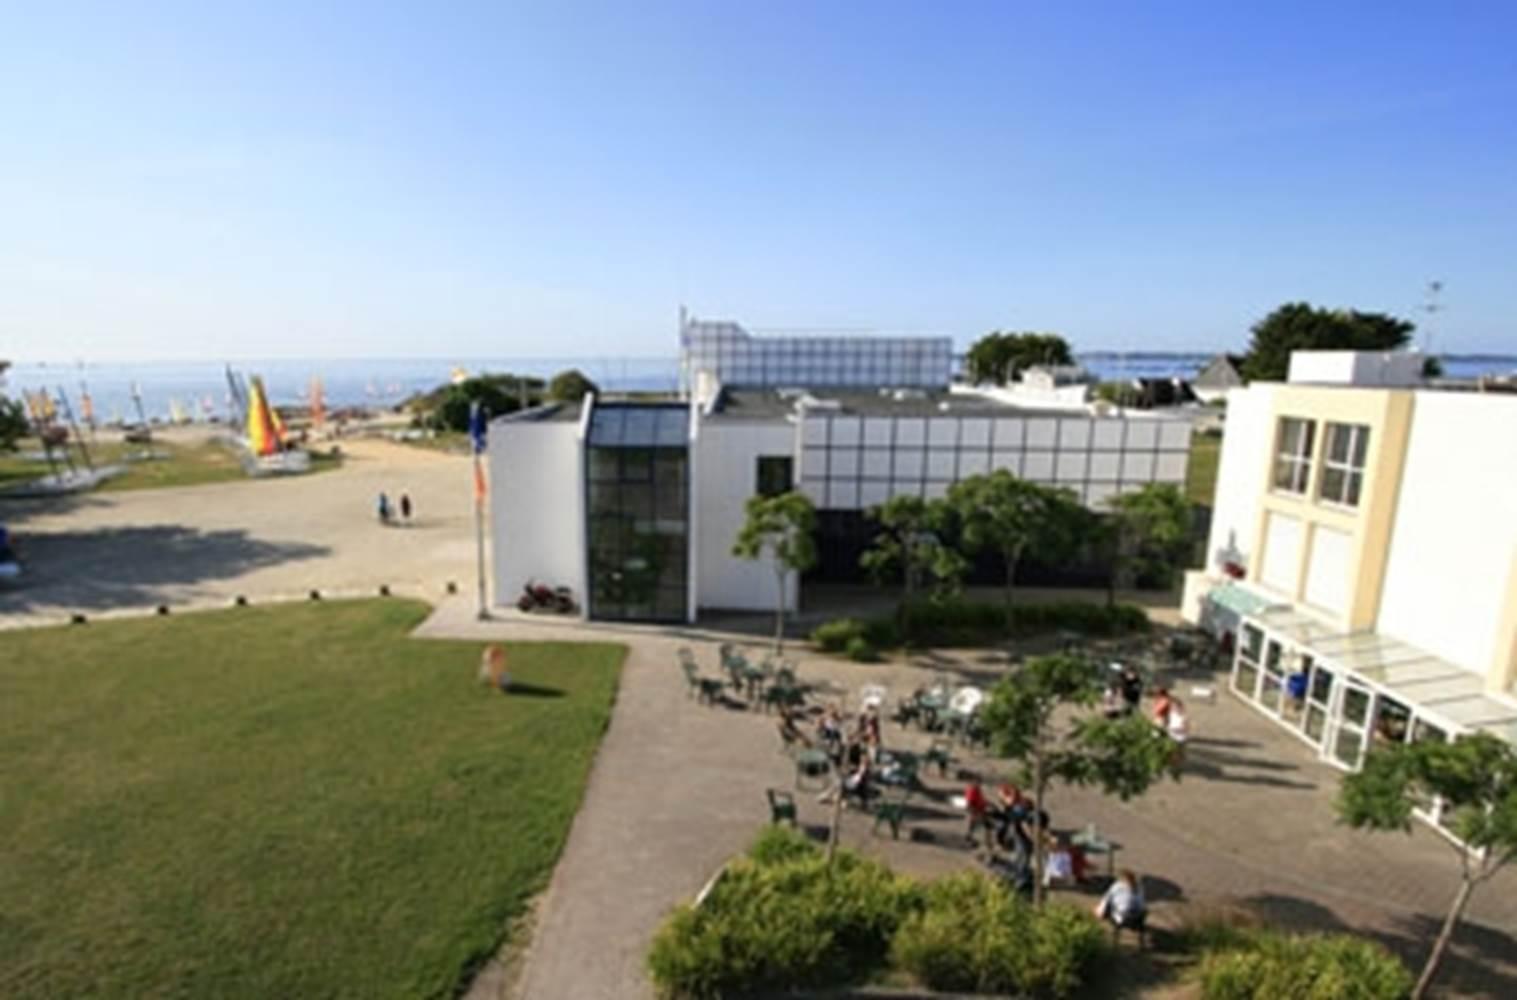 Résidence Parc Océanique de Kerguelen - Larmor-Plage - Groix - Lorient - Morbihan - Bretagne Sud © Auteur de vues